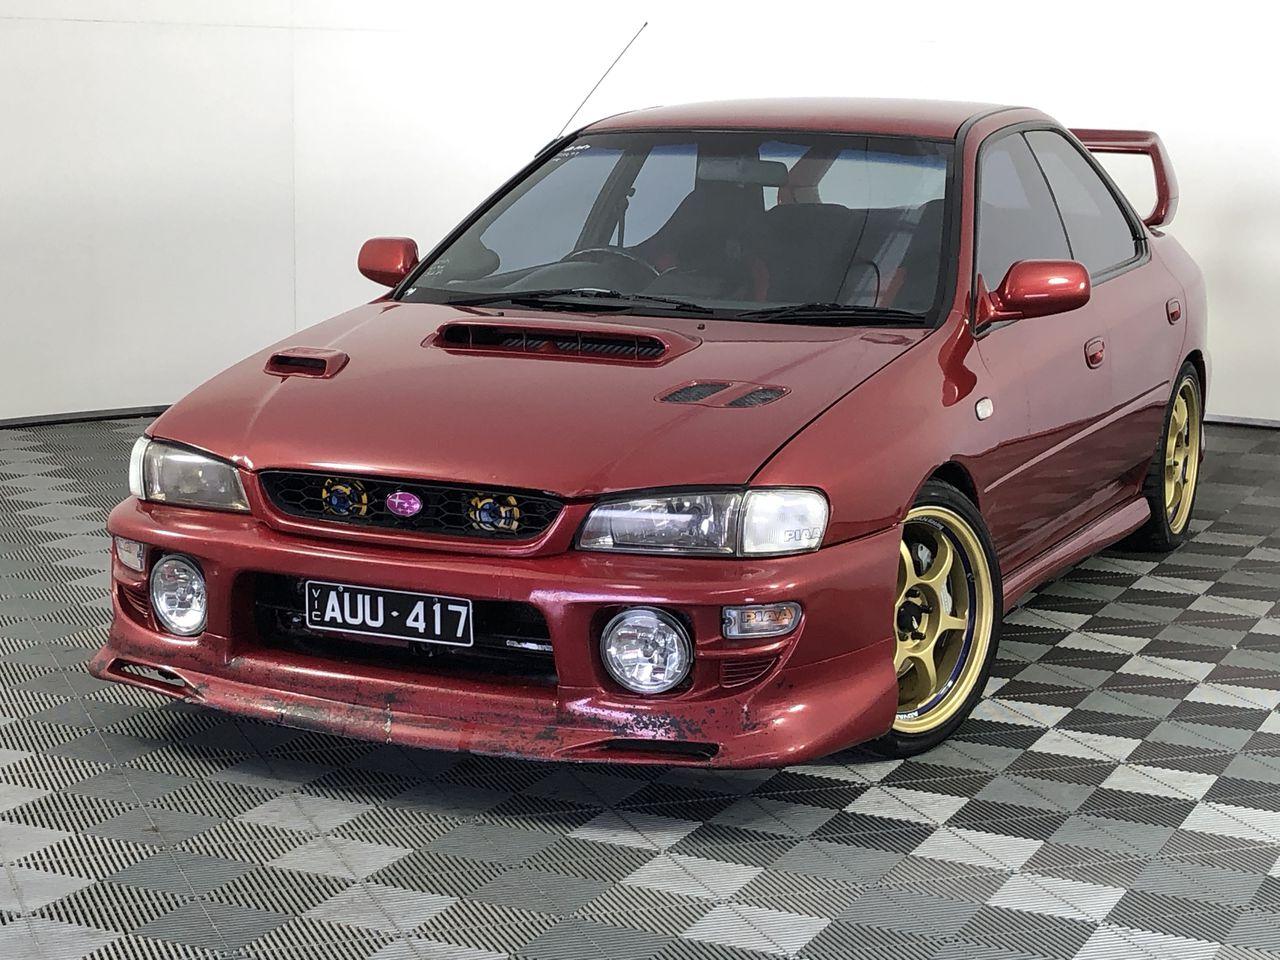 2000 Subaru Impreza WRX (AWD) Manual Sedan